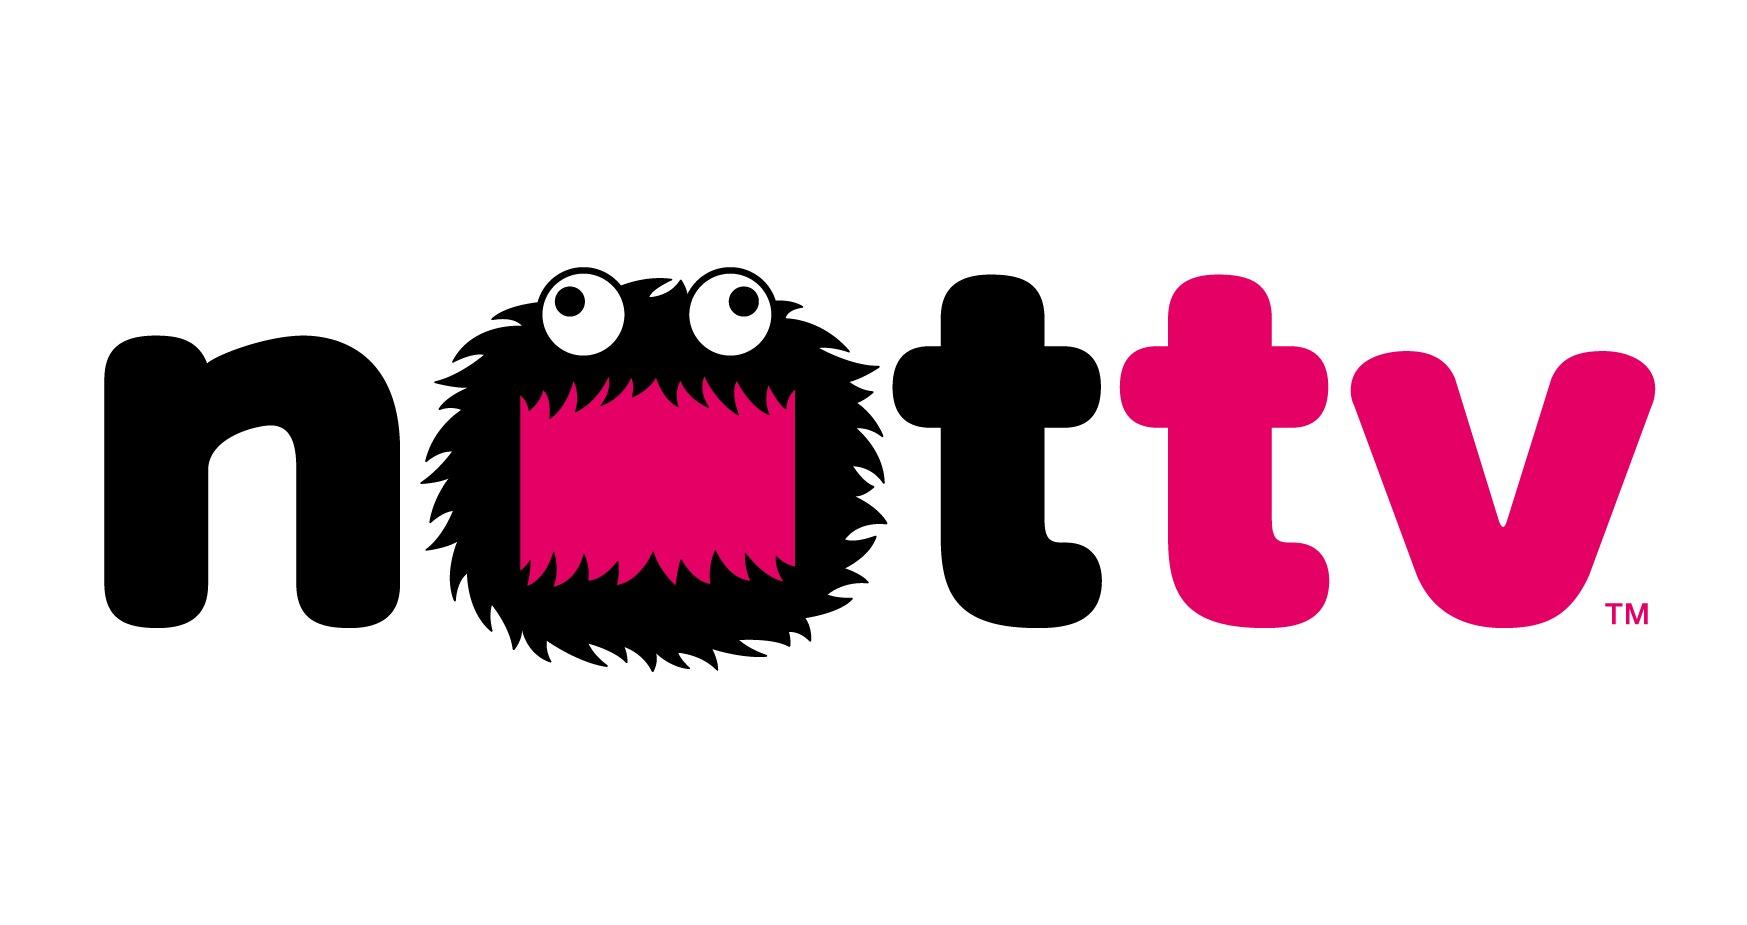 nottv_logo_large_fin_ol-1.jpg